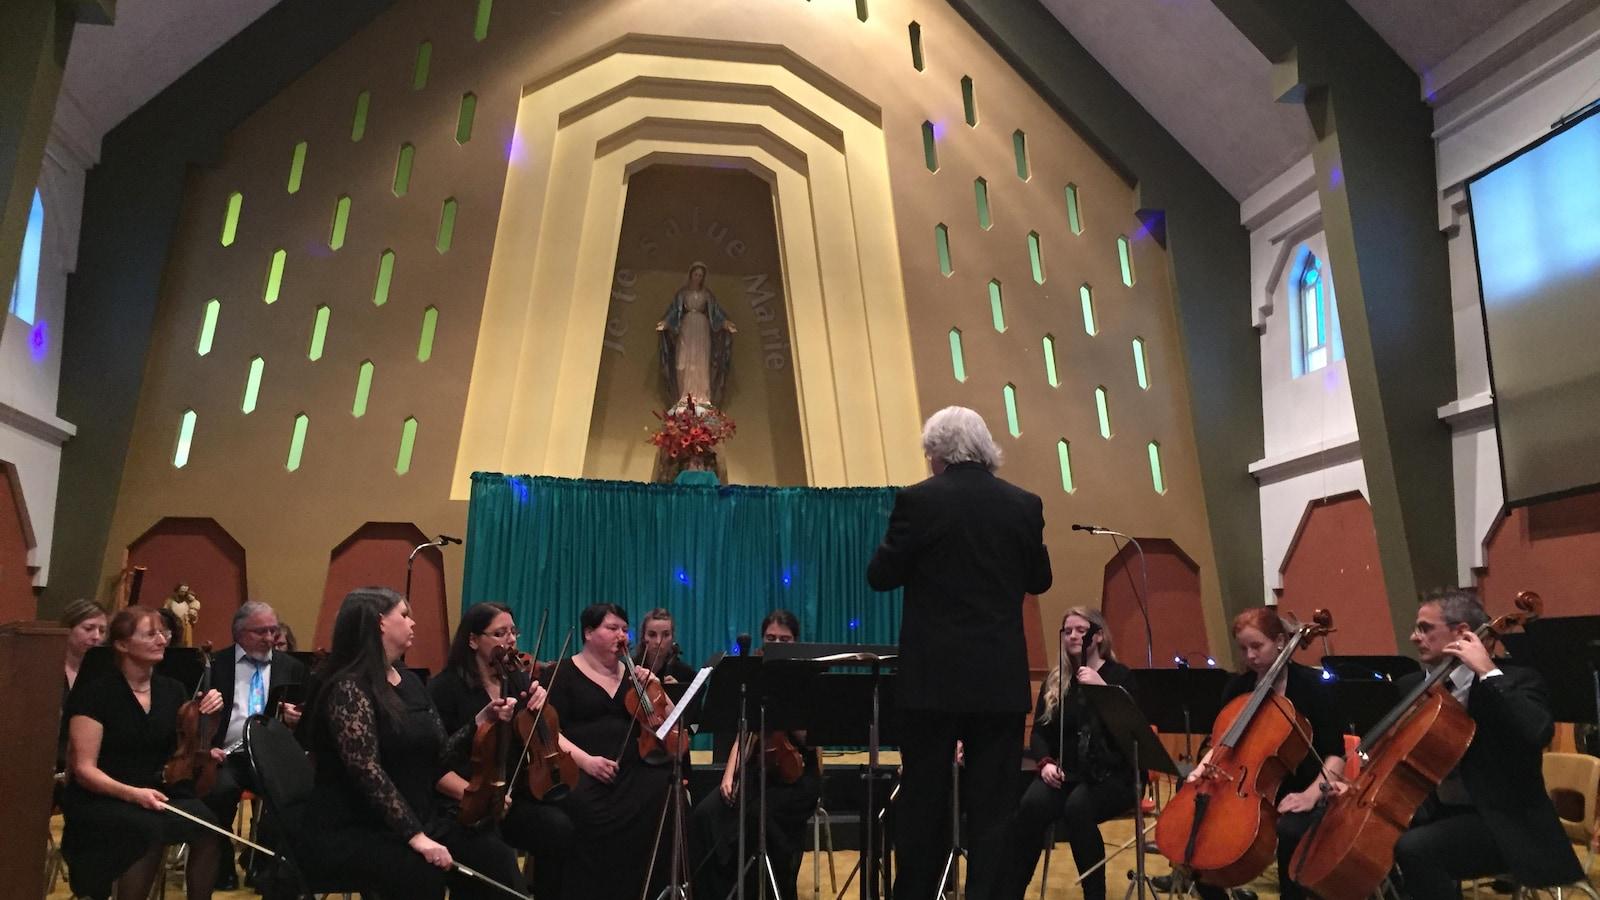 Sous la direction de Jacques Marchand, la trentaine de musiciens de l'Orchestre symphonique régional et leurs invités ont interprété : Mon beau sapin, C'est l'hiver, L'enfant au tambour et d'autres classiques de Noël lors de son premier spectacle de la tournée.